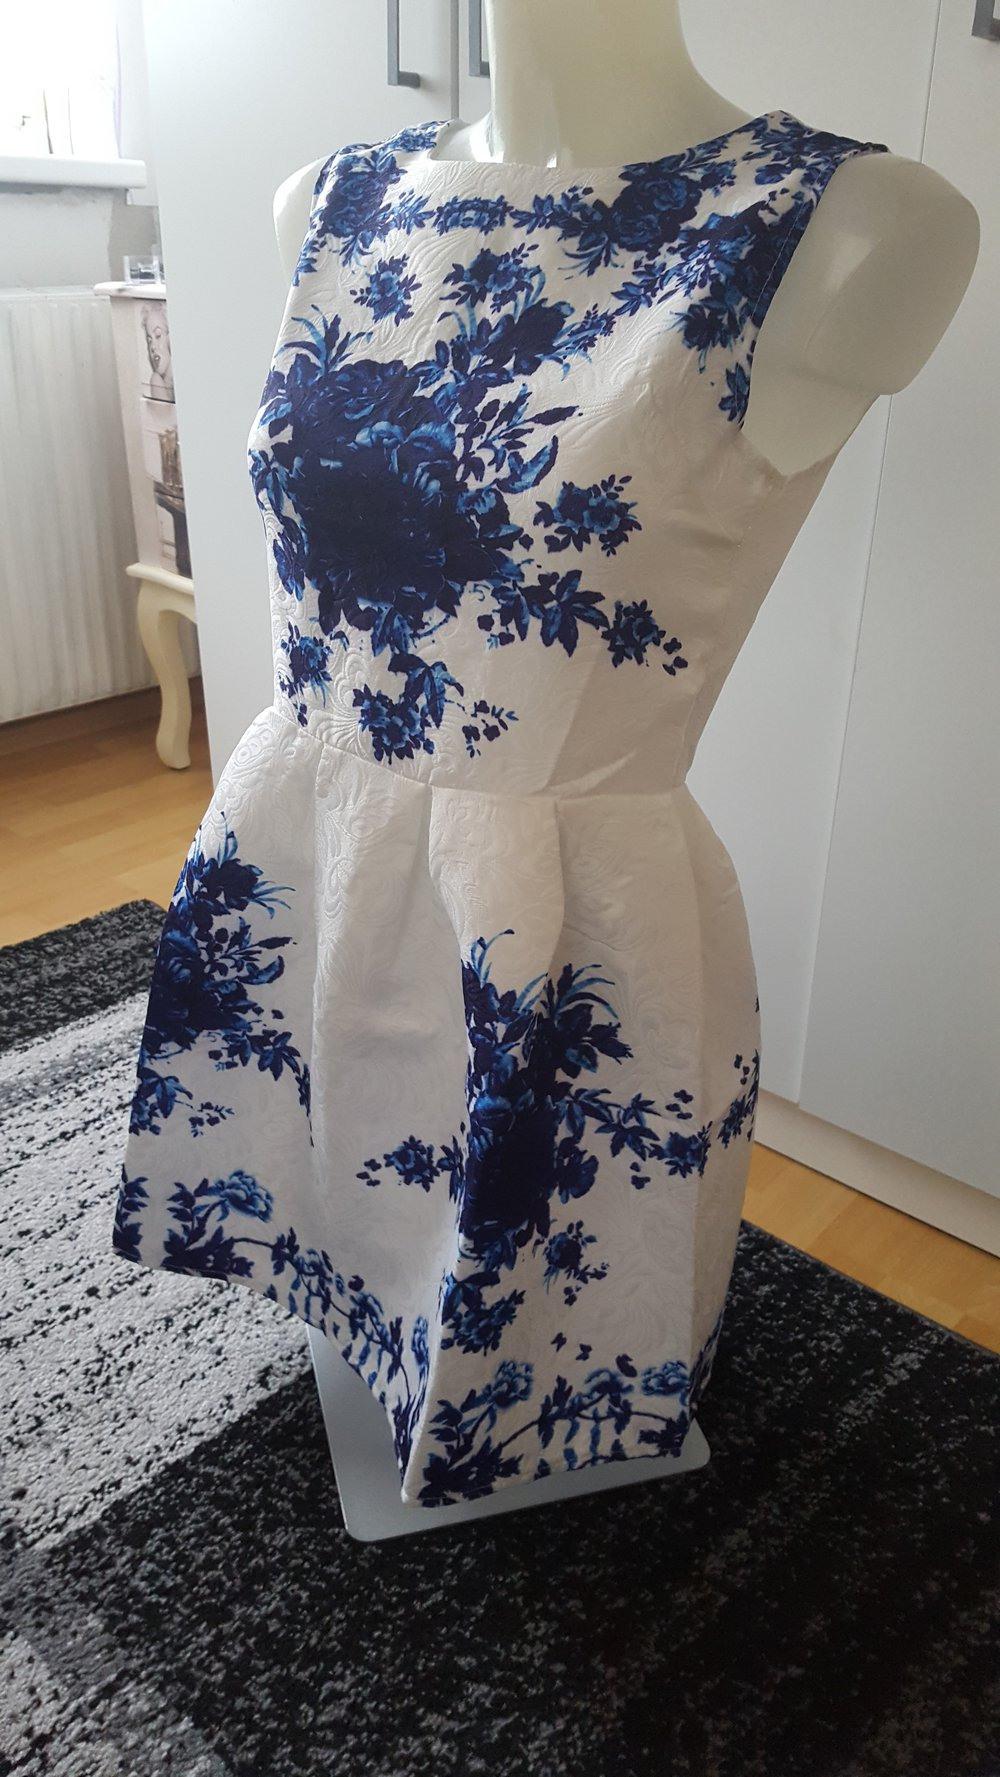 17 Schön Weißes Kleid Mit Blauen Blumen Vertrieb20 Schön Weißes Kleid Mit Blauen Blumen Galerie